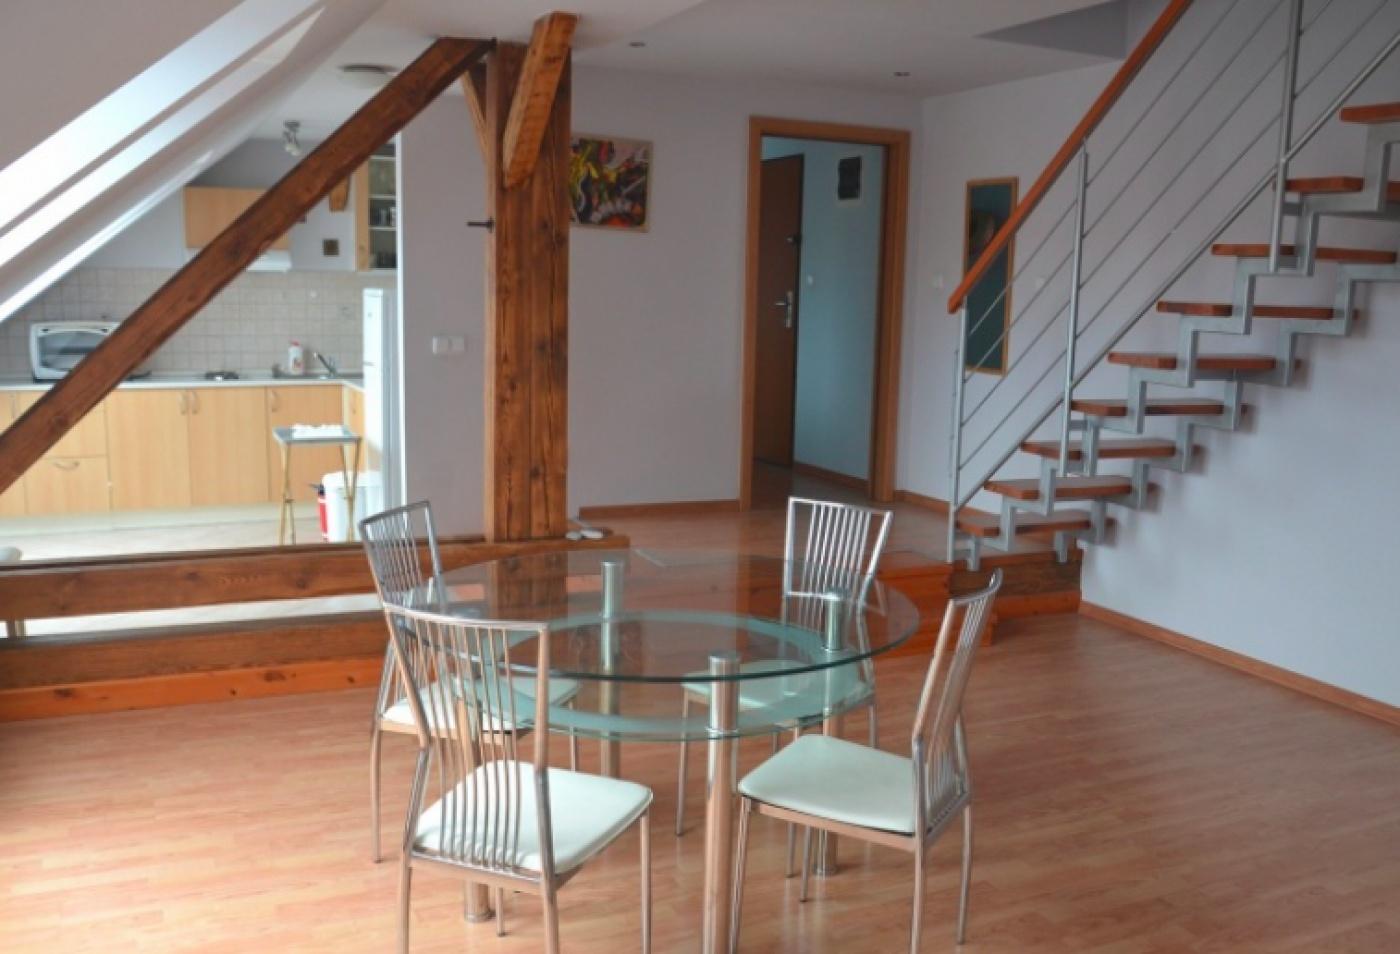 Půdní byt 3+kk, plocha 106 m², ulice Londýnská, Praha 2 - Vinohrady, cena 8 800 000 Kč   2